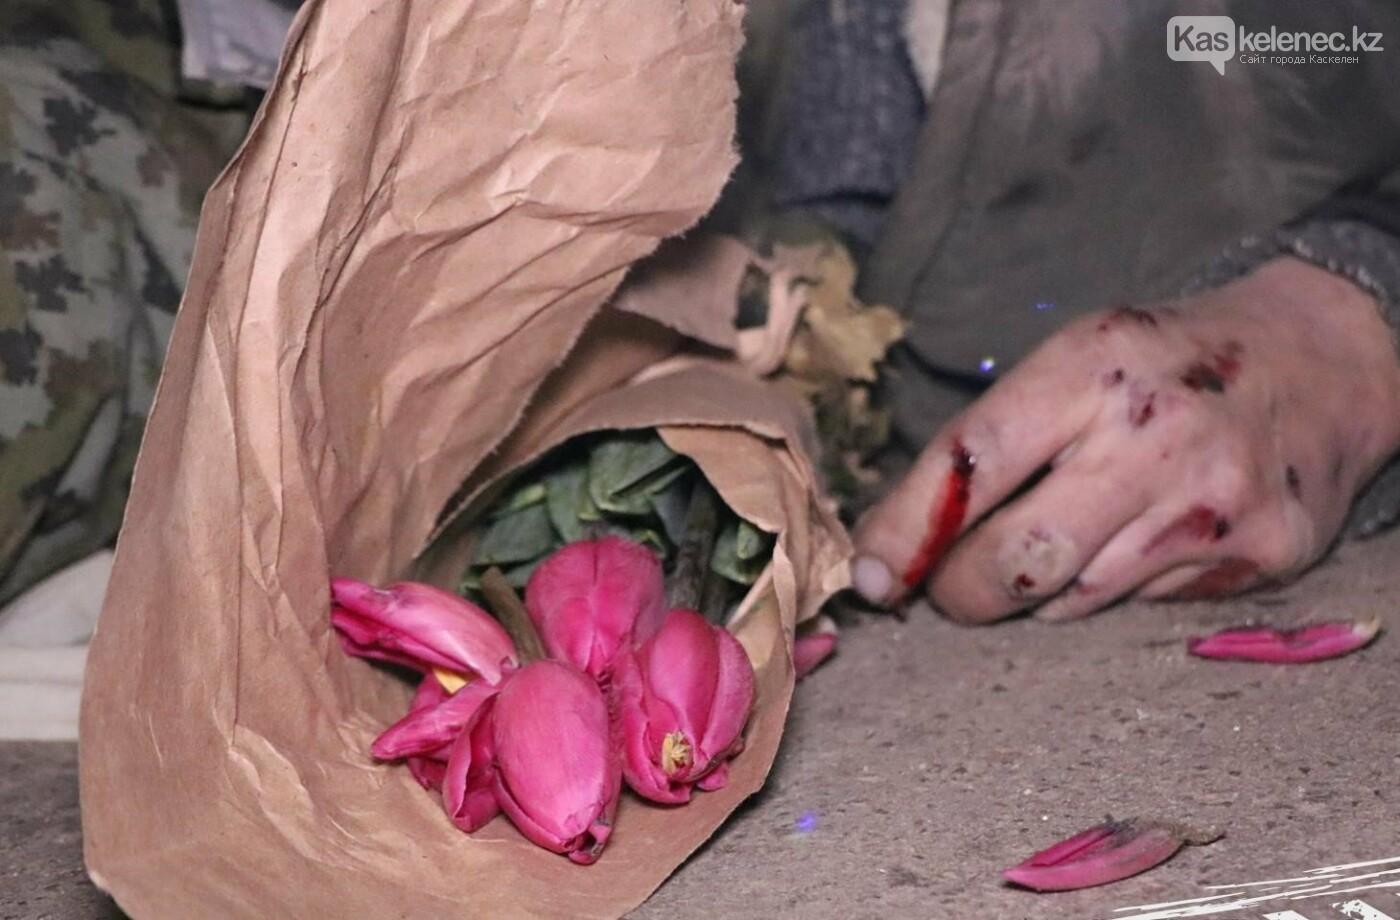 Мужчину с букетом тюльпанов сбили насмерть на Каскеленской трассе, фото-1